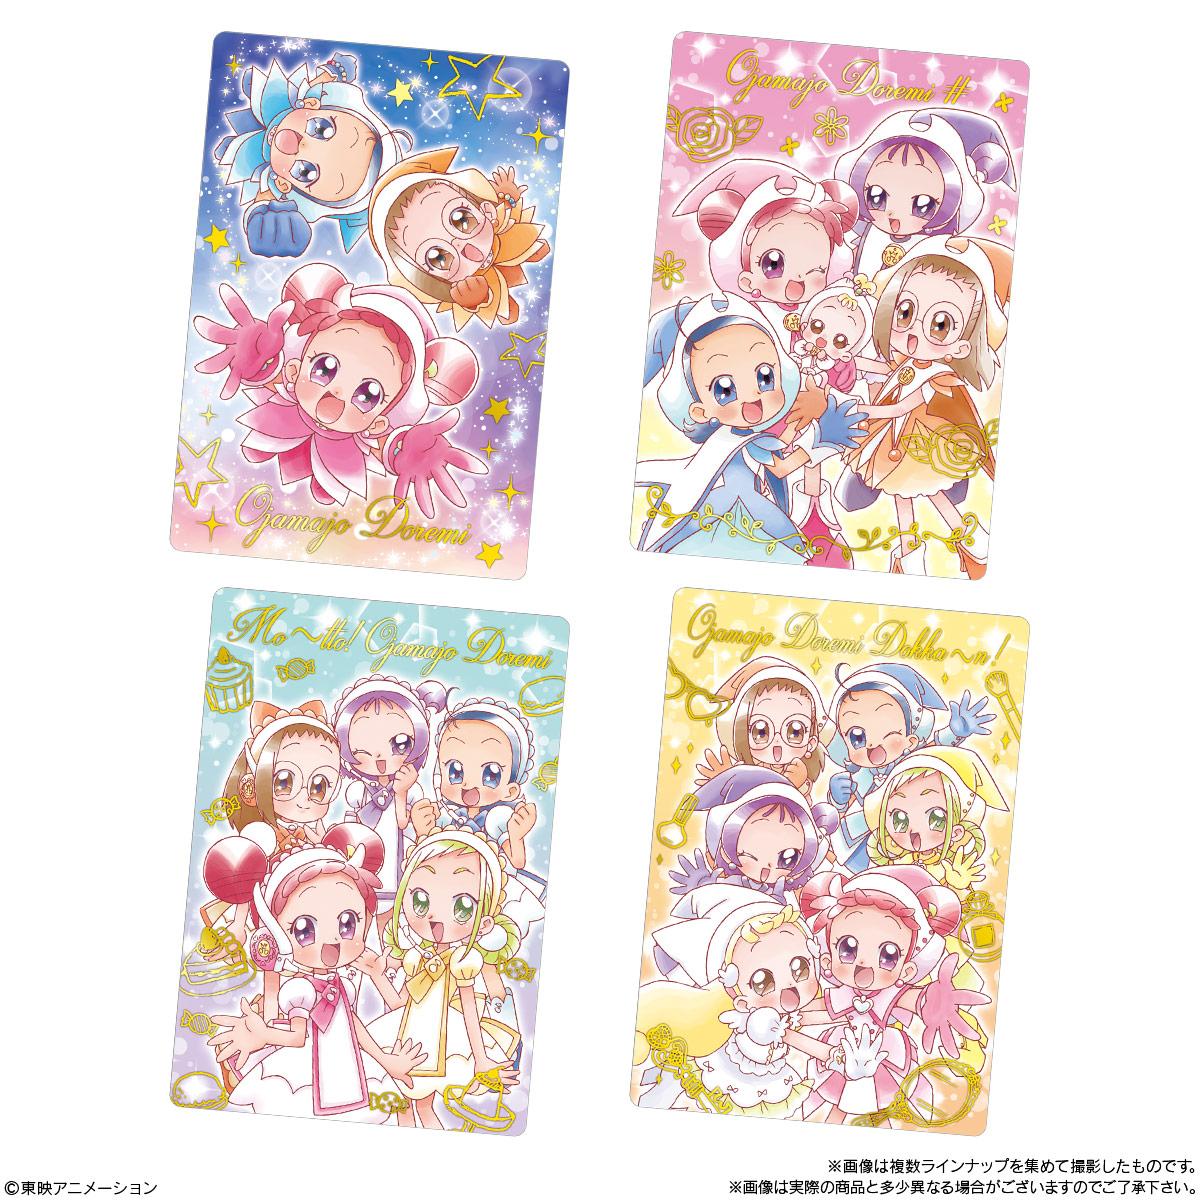 【食玩】おジャ魔女どれみ『おジャ魔女どれみカードウエハース2』20個入りBOX-006